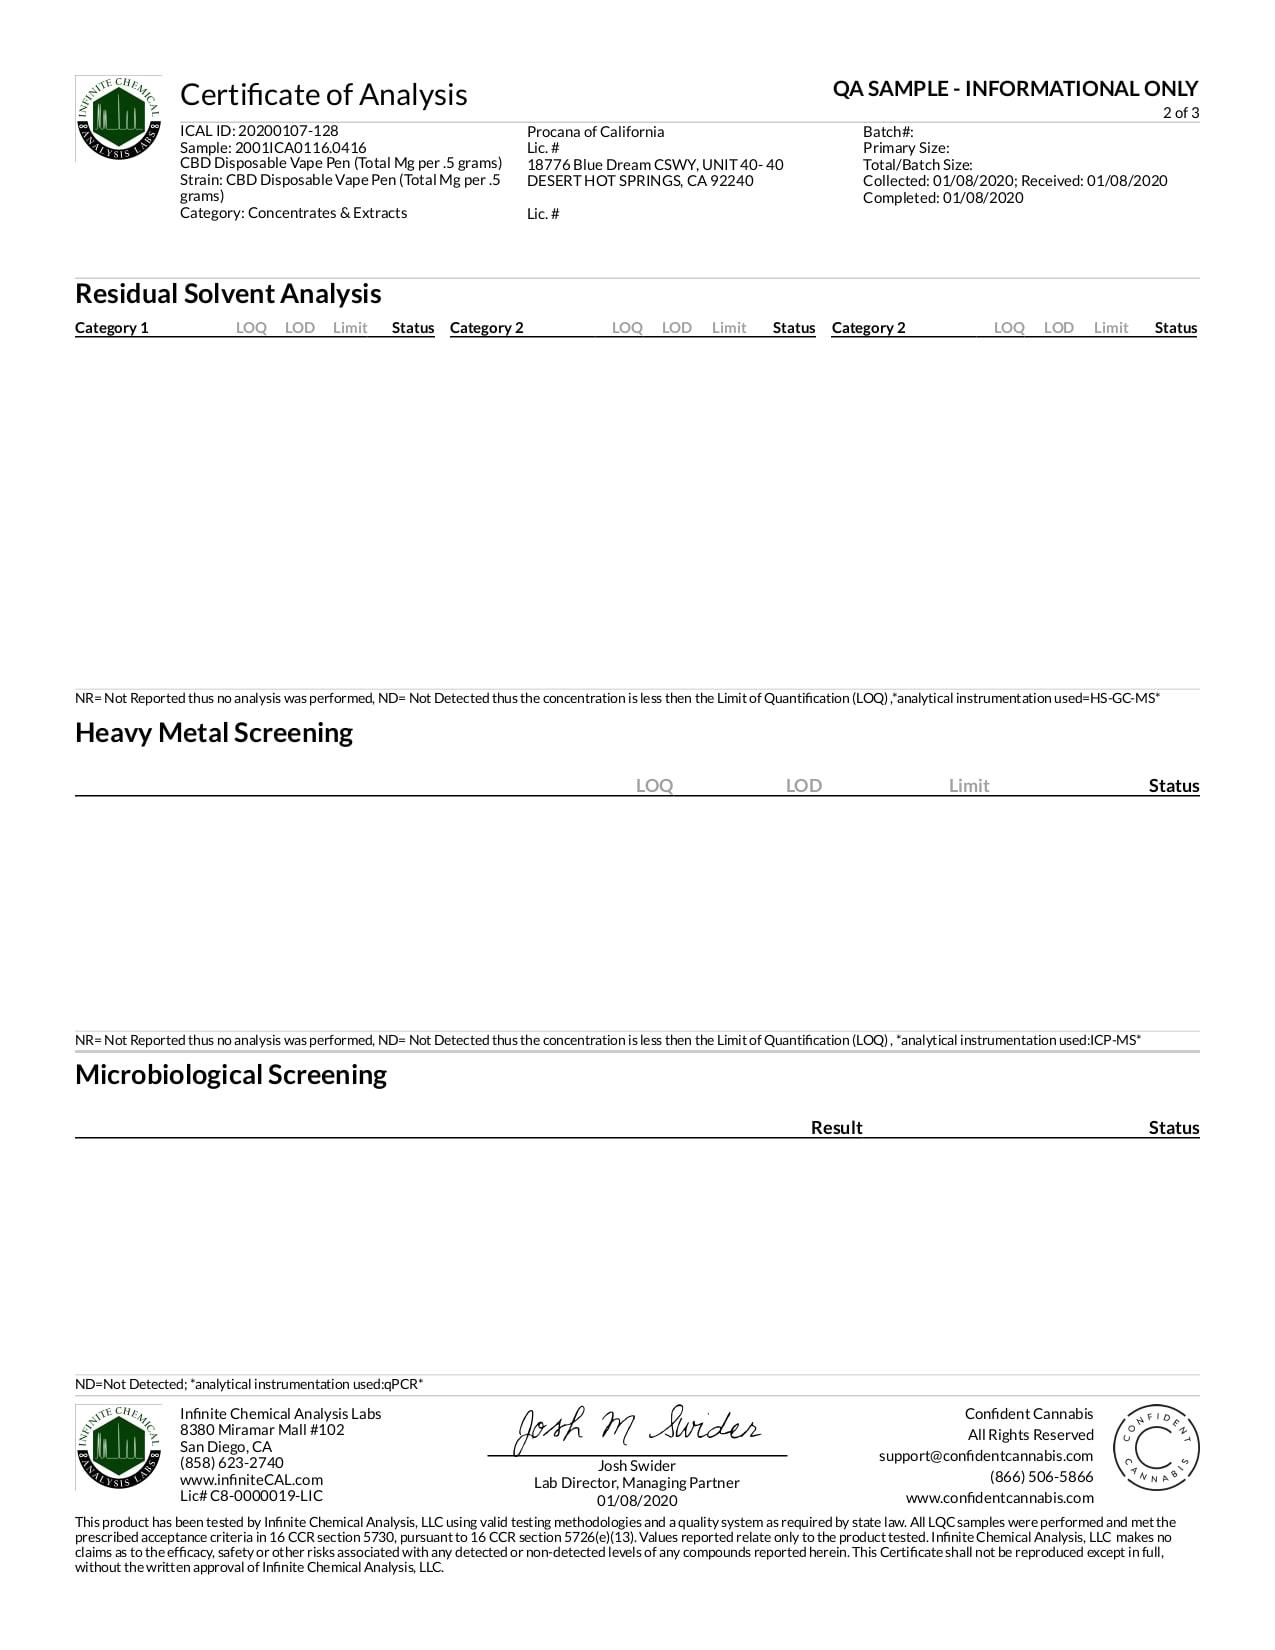 Procana CBD Disposable Vaporizer Lab Report Tangie 200mg